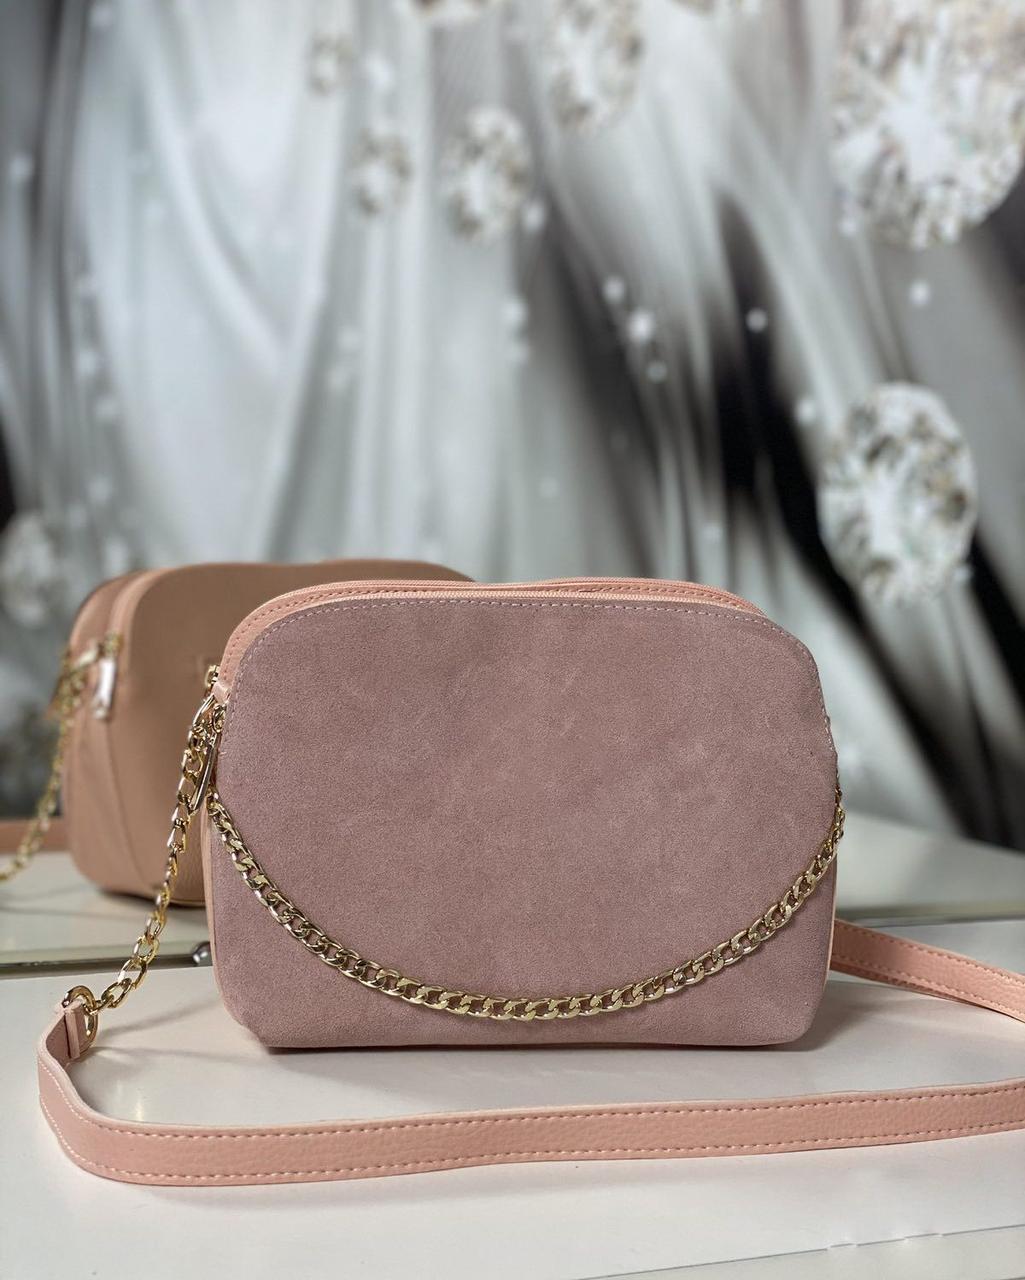 Сумочка замшевая женская через плечо кросс-боди сумка клатч на цепочке пудровая натуральная замша+кожзам